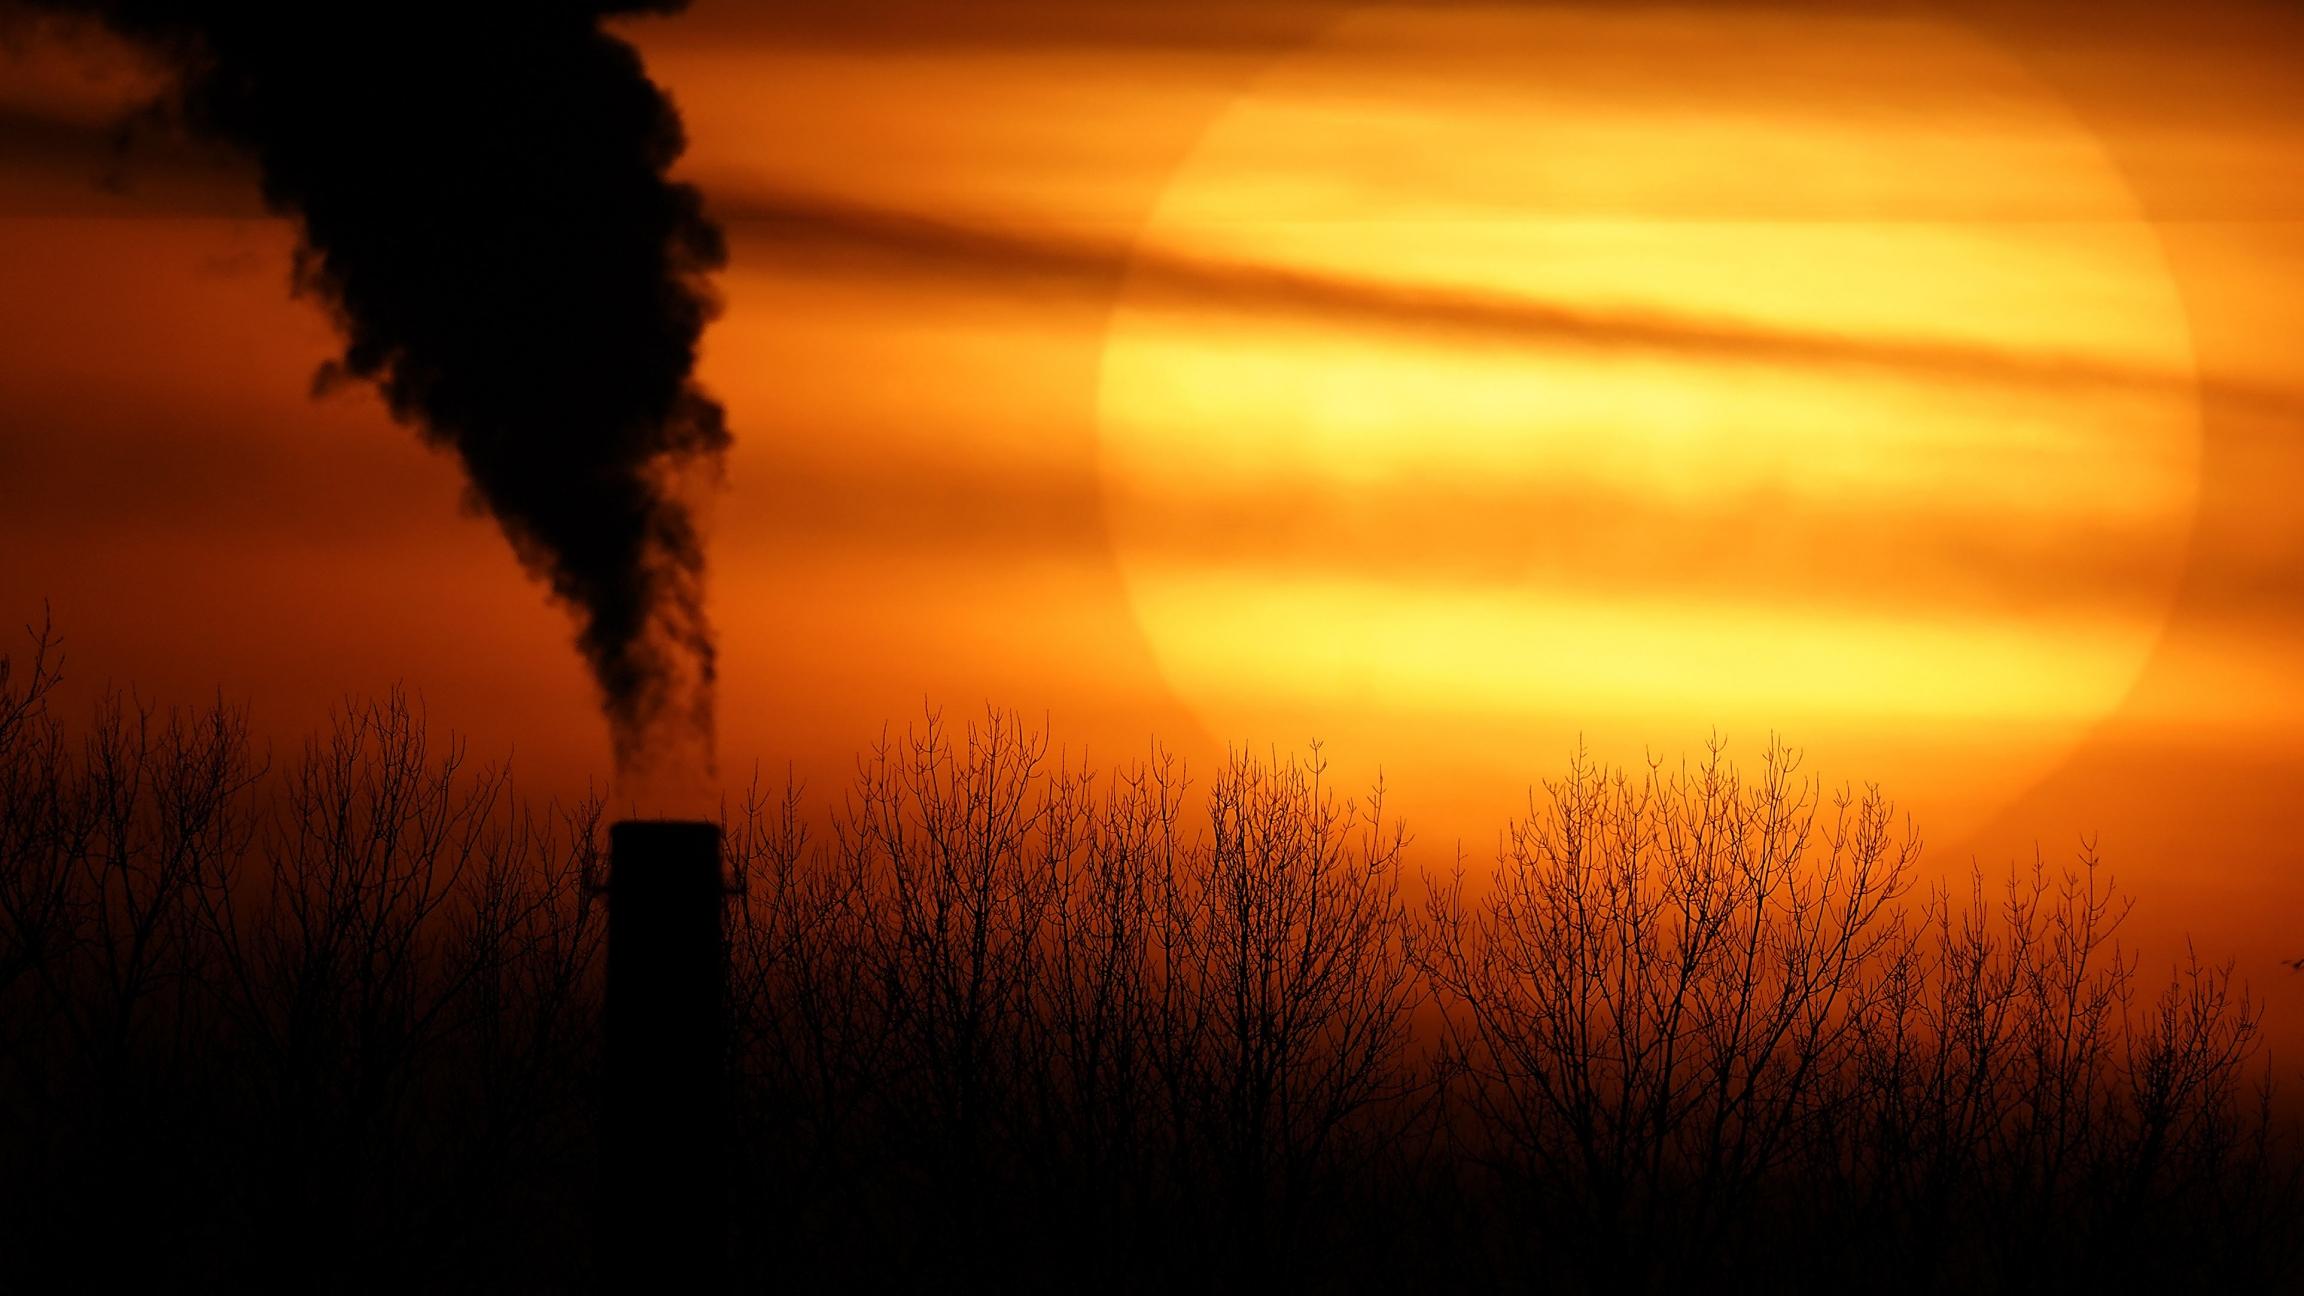 A setting sun near a smokestack.